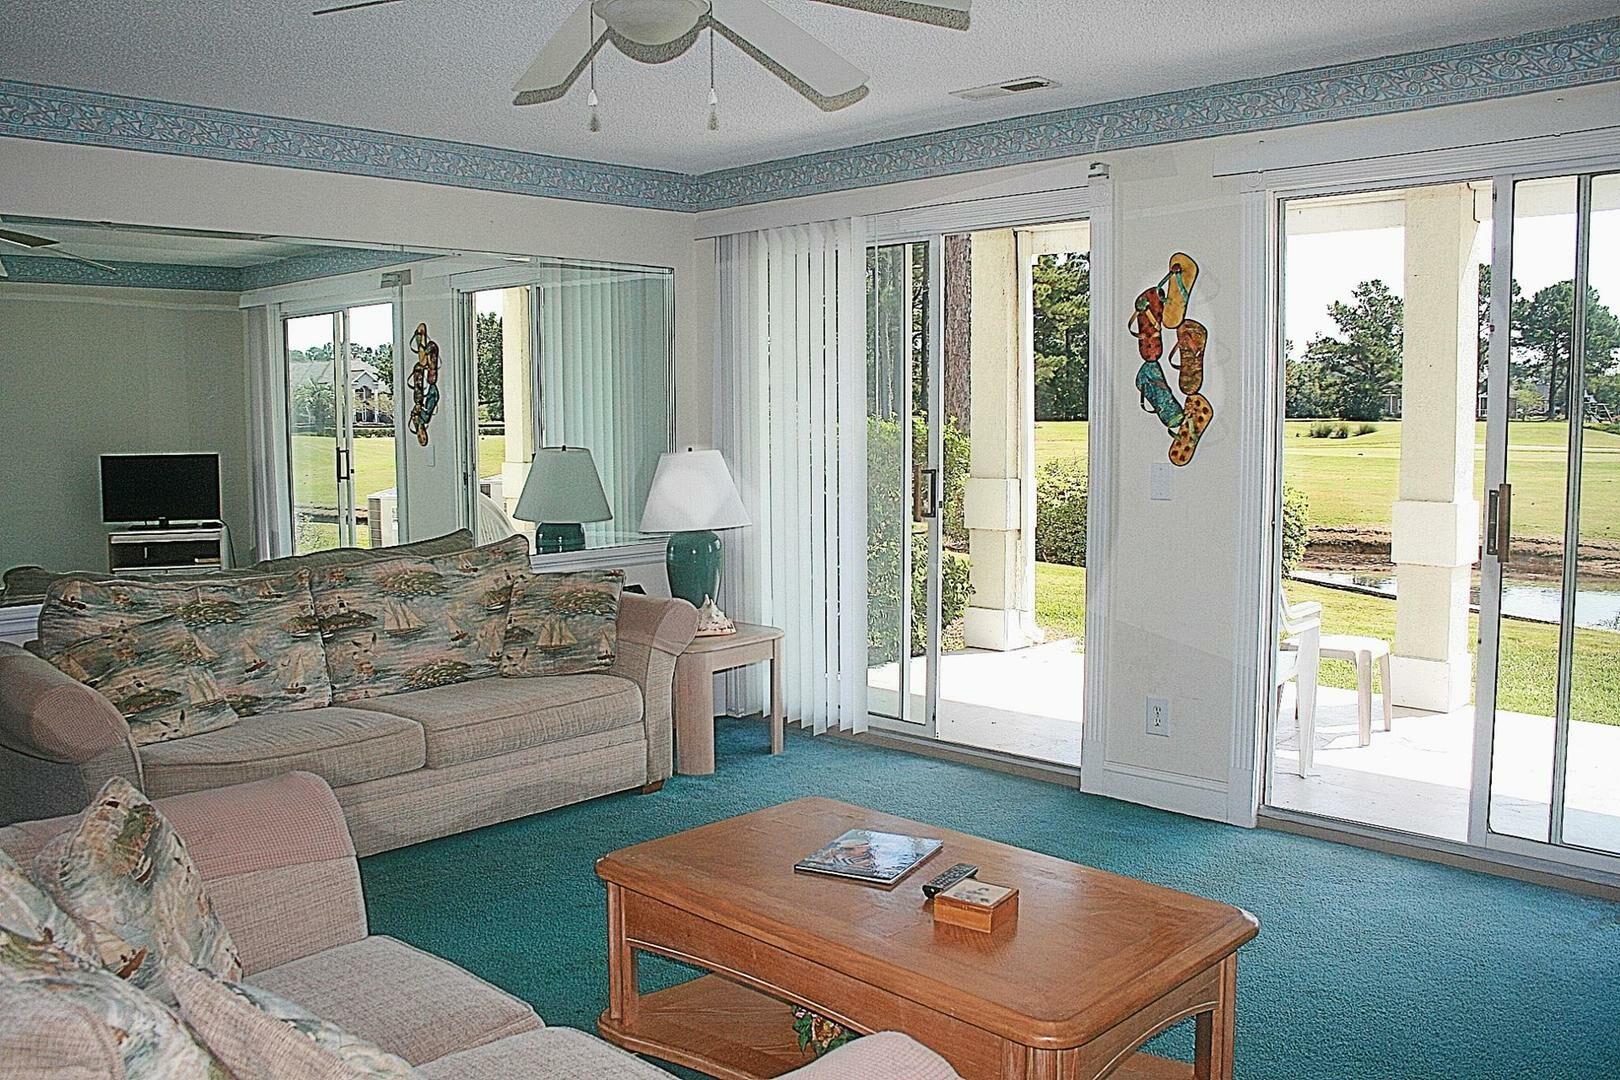 202M 1 Bedroom/1 Bath Villa